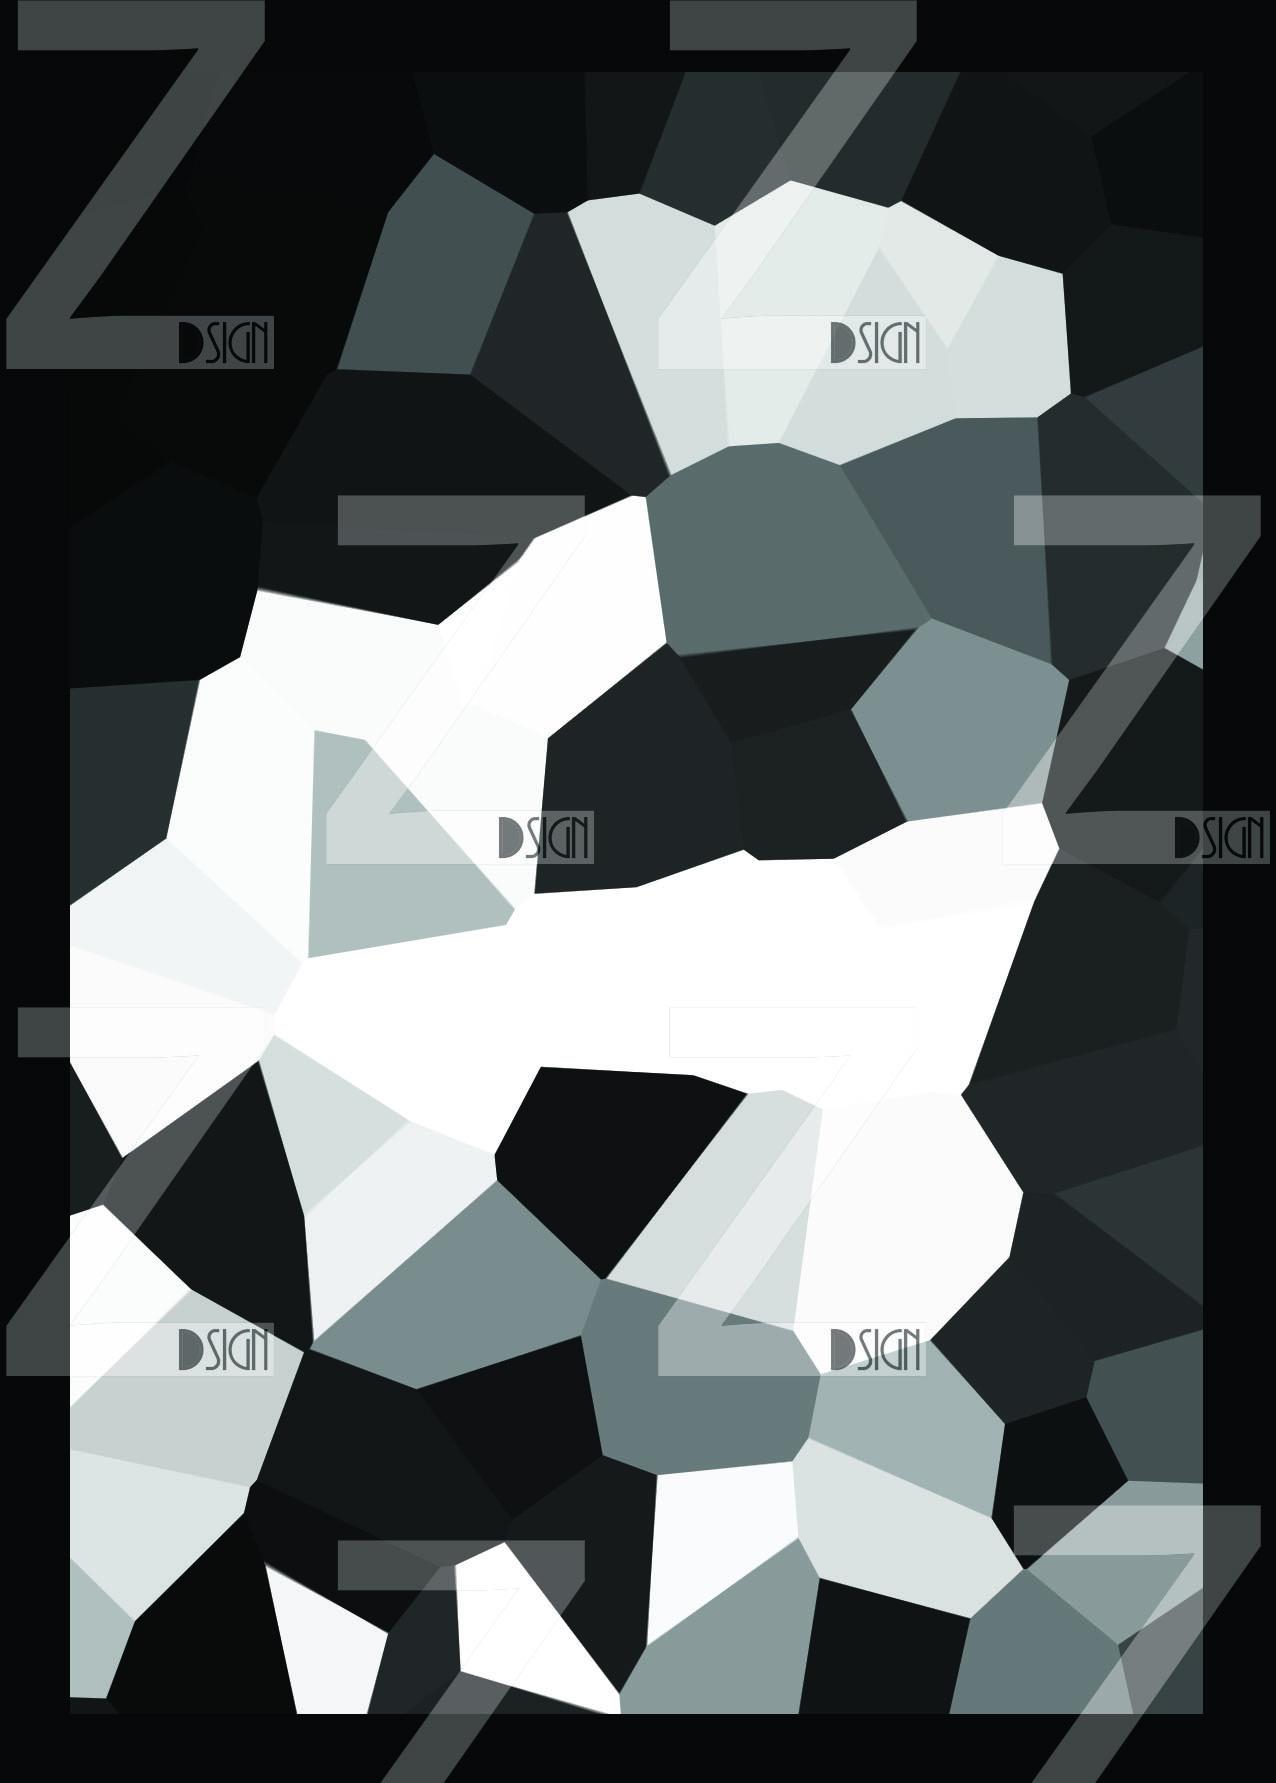 Sitecpmonochrome1z-dsign